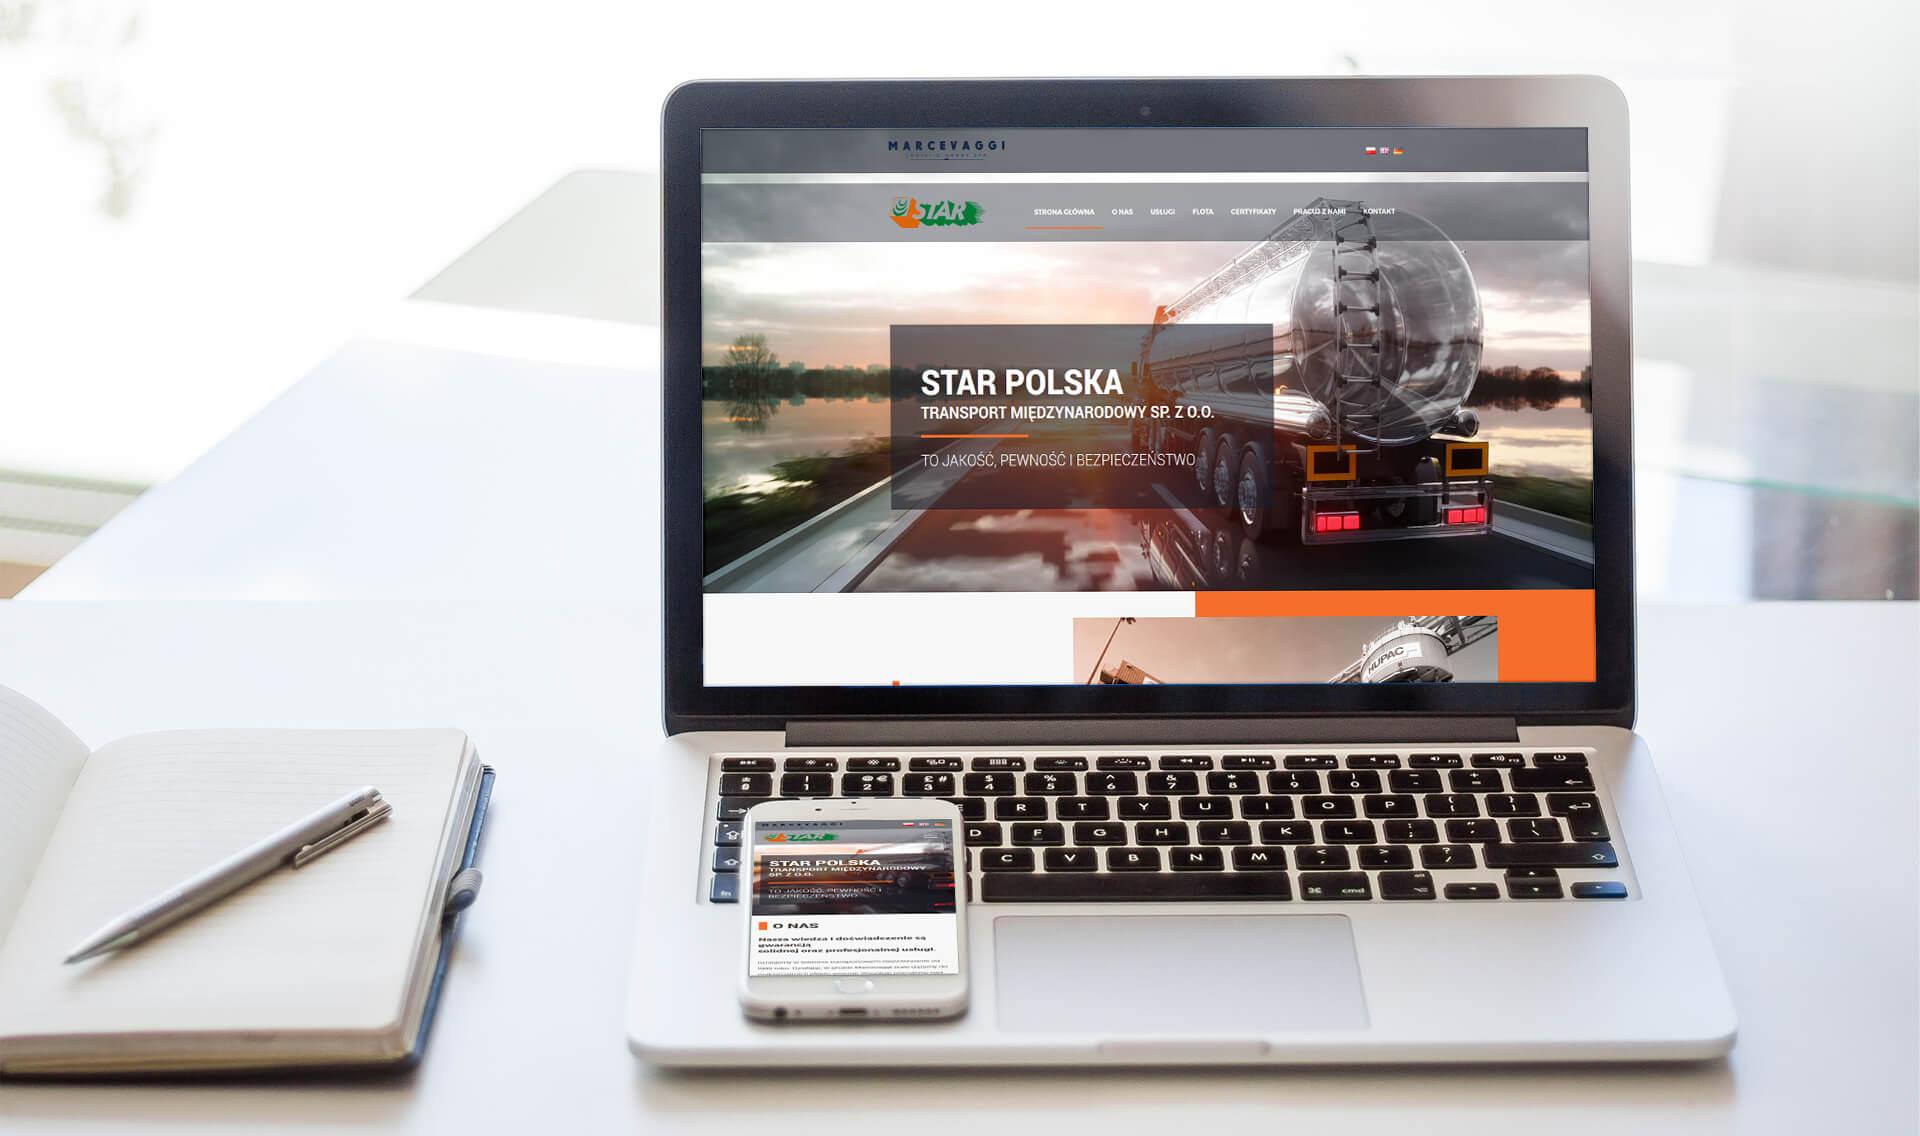 STAR POLSKA Transport Międzynarodowy Sp. z o.o.